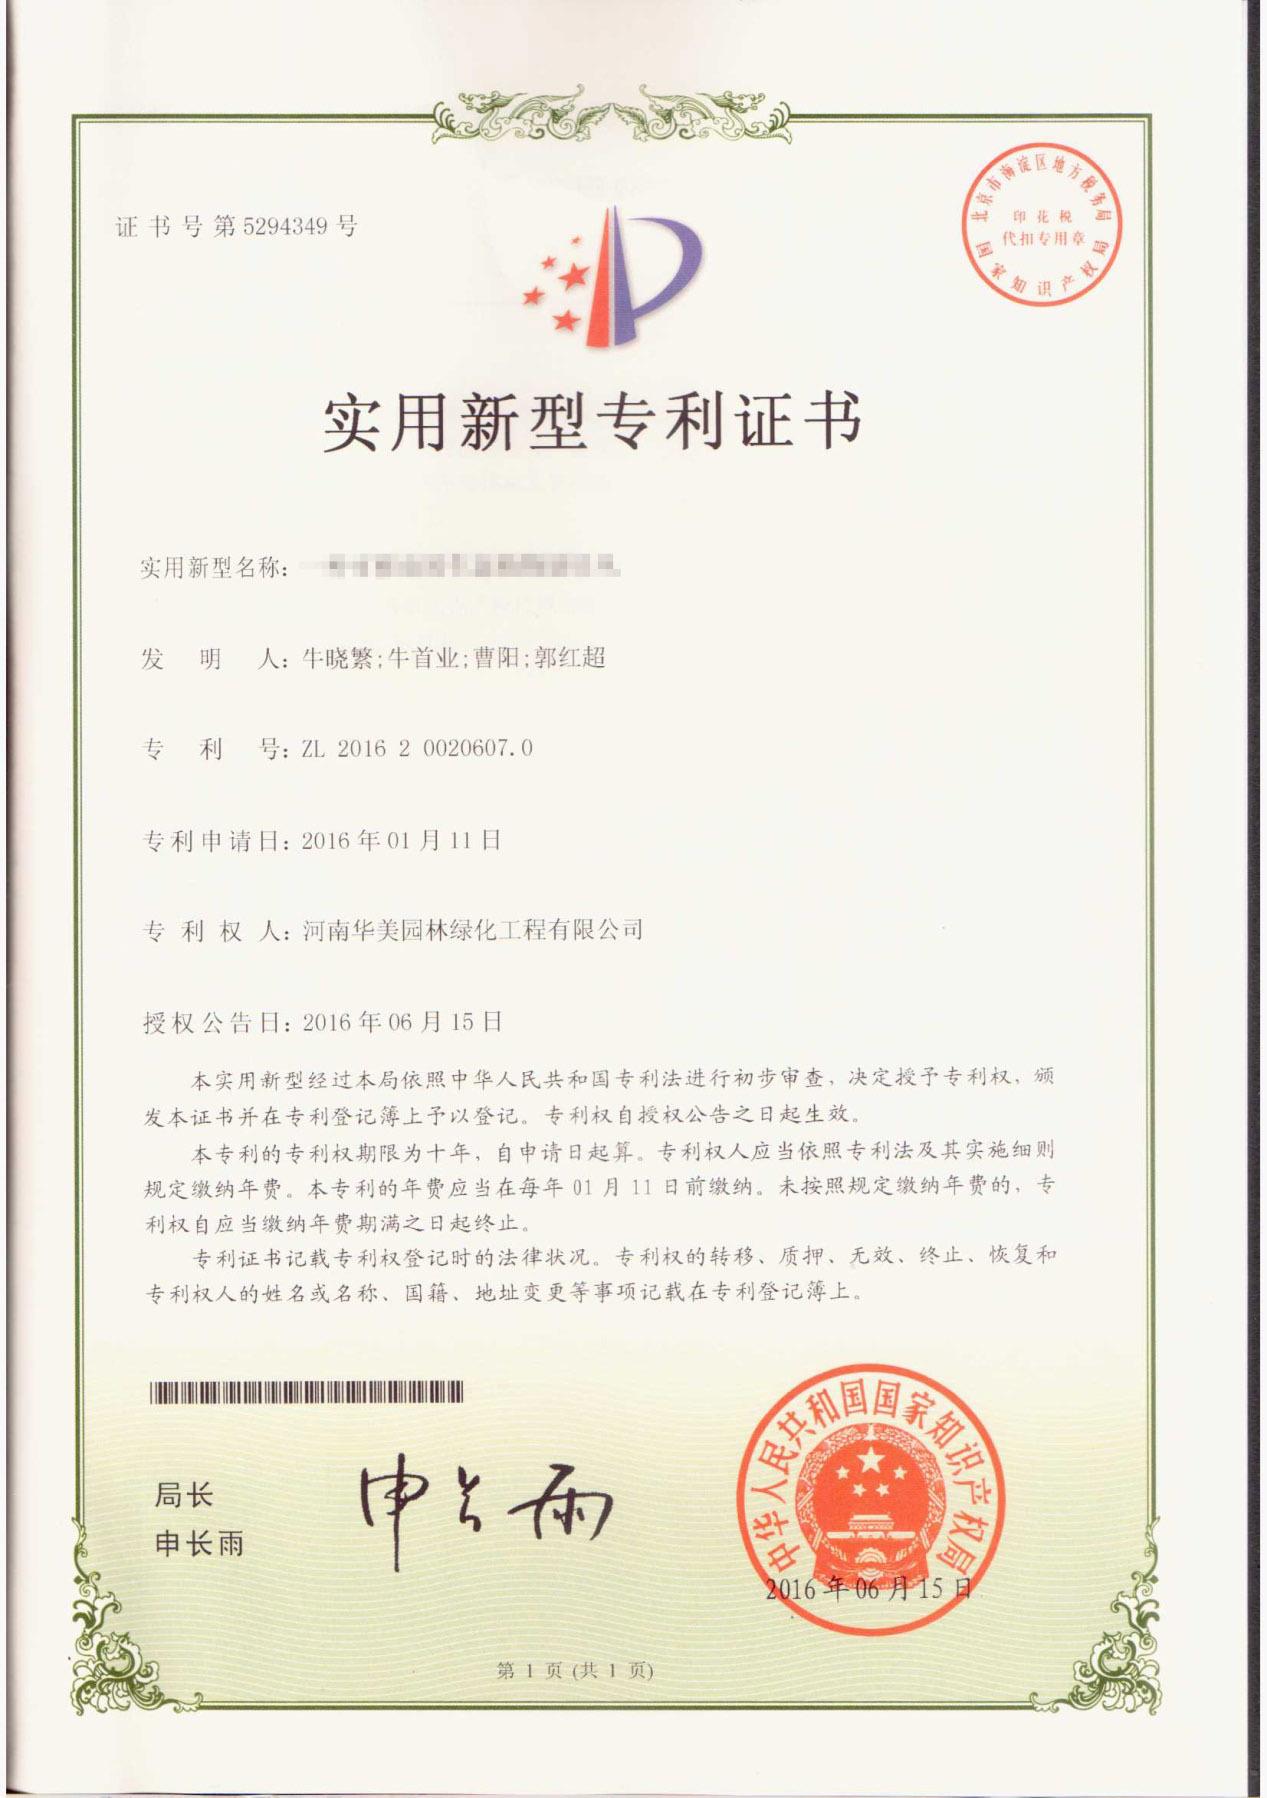 公司获得国家专利局新专利授权证书